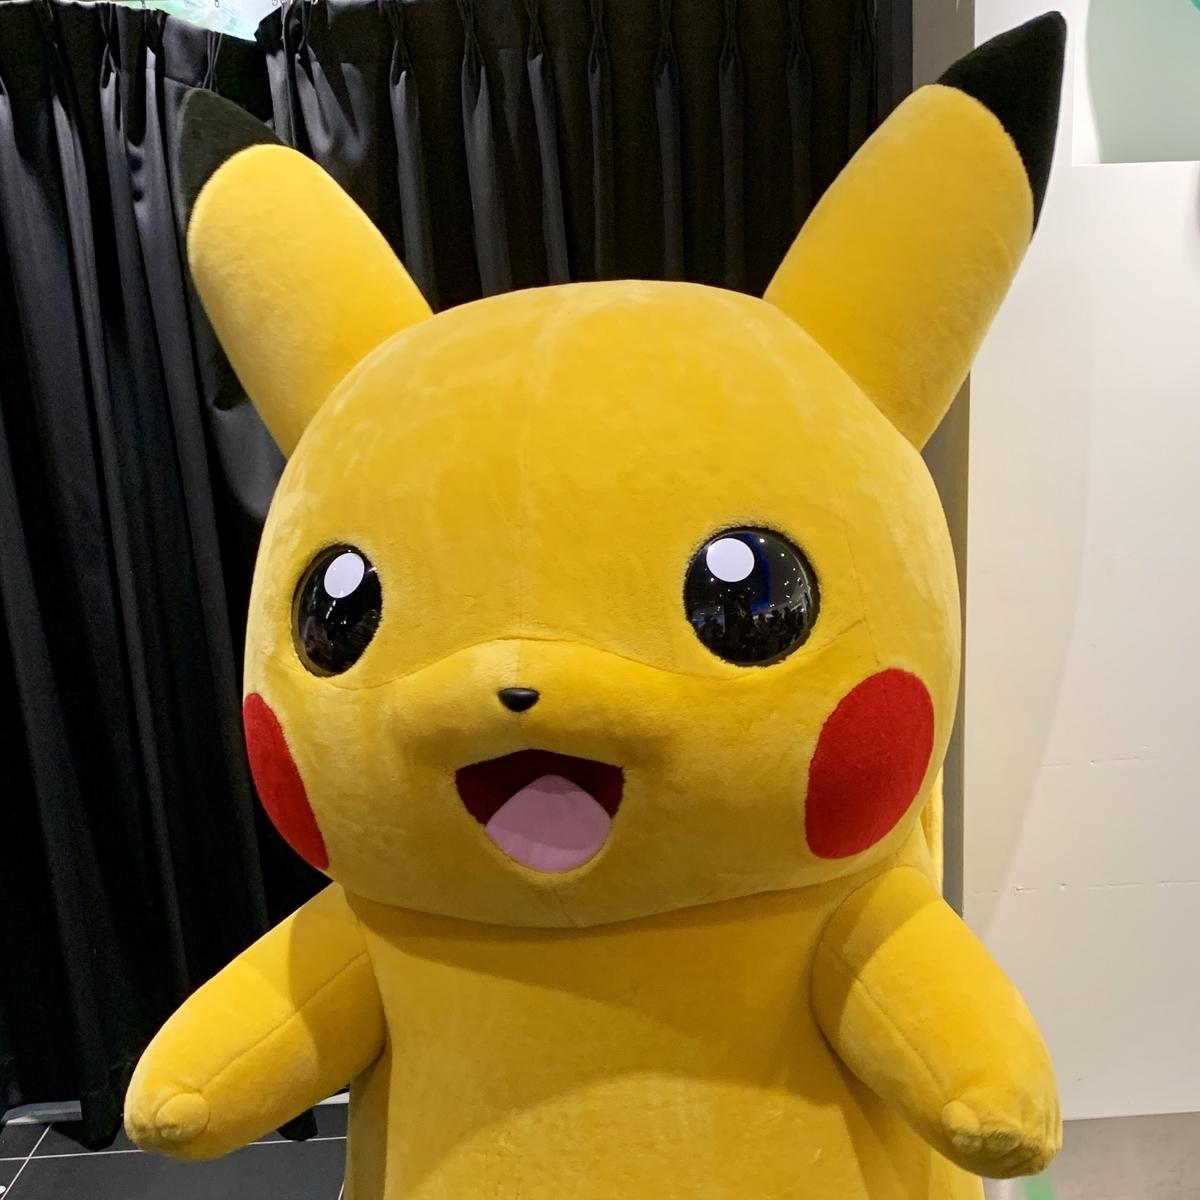 f:id:pikachu_pcn:20190704223147j:plain